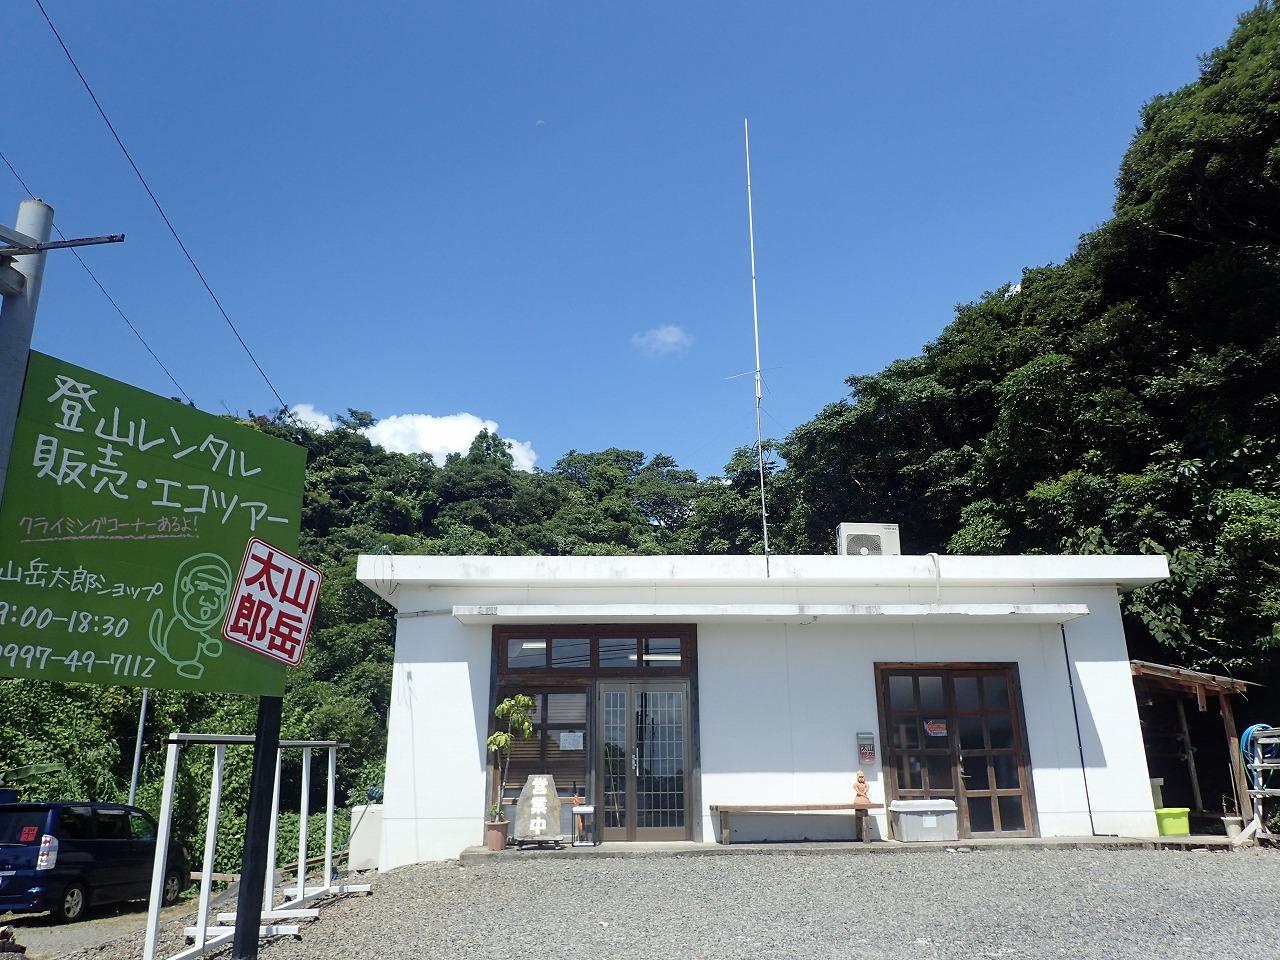 屋久島のレンタルと登山用品『山岳太郎』